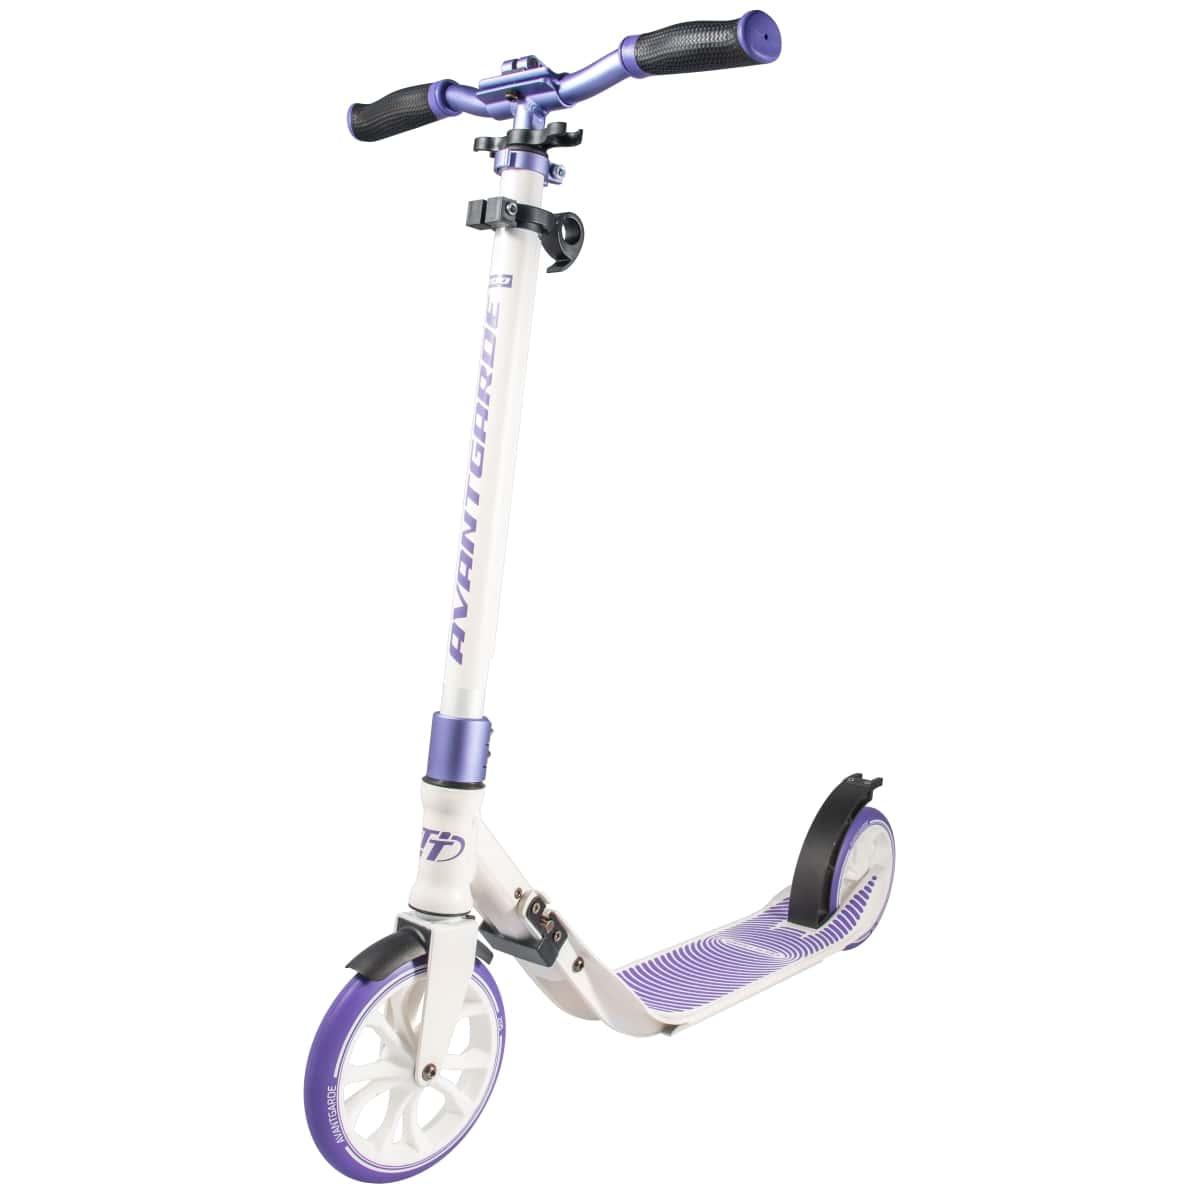 Детский Складной Самокат Avantgarde 200 / Бело-фиолетовый